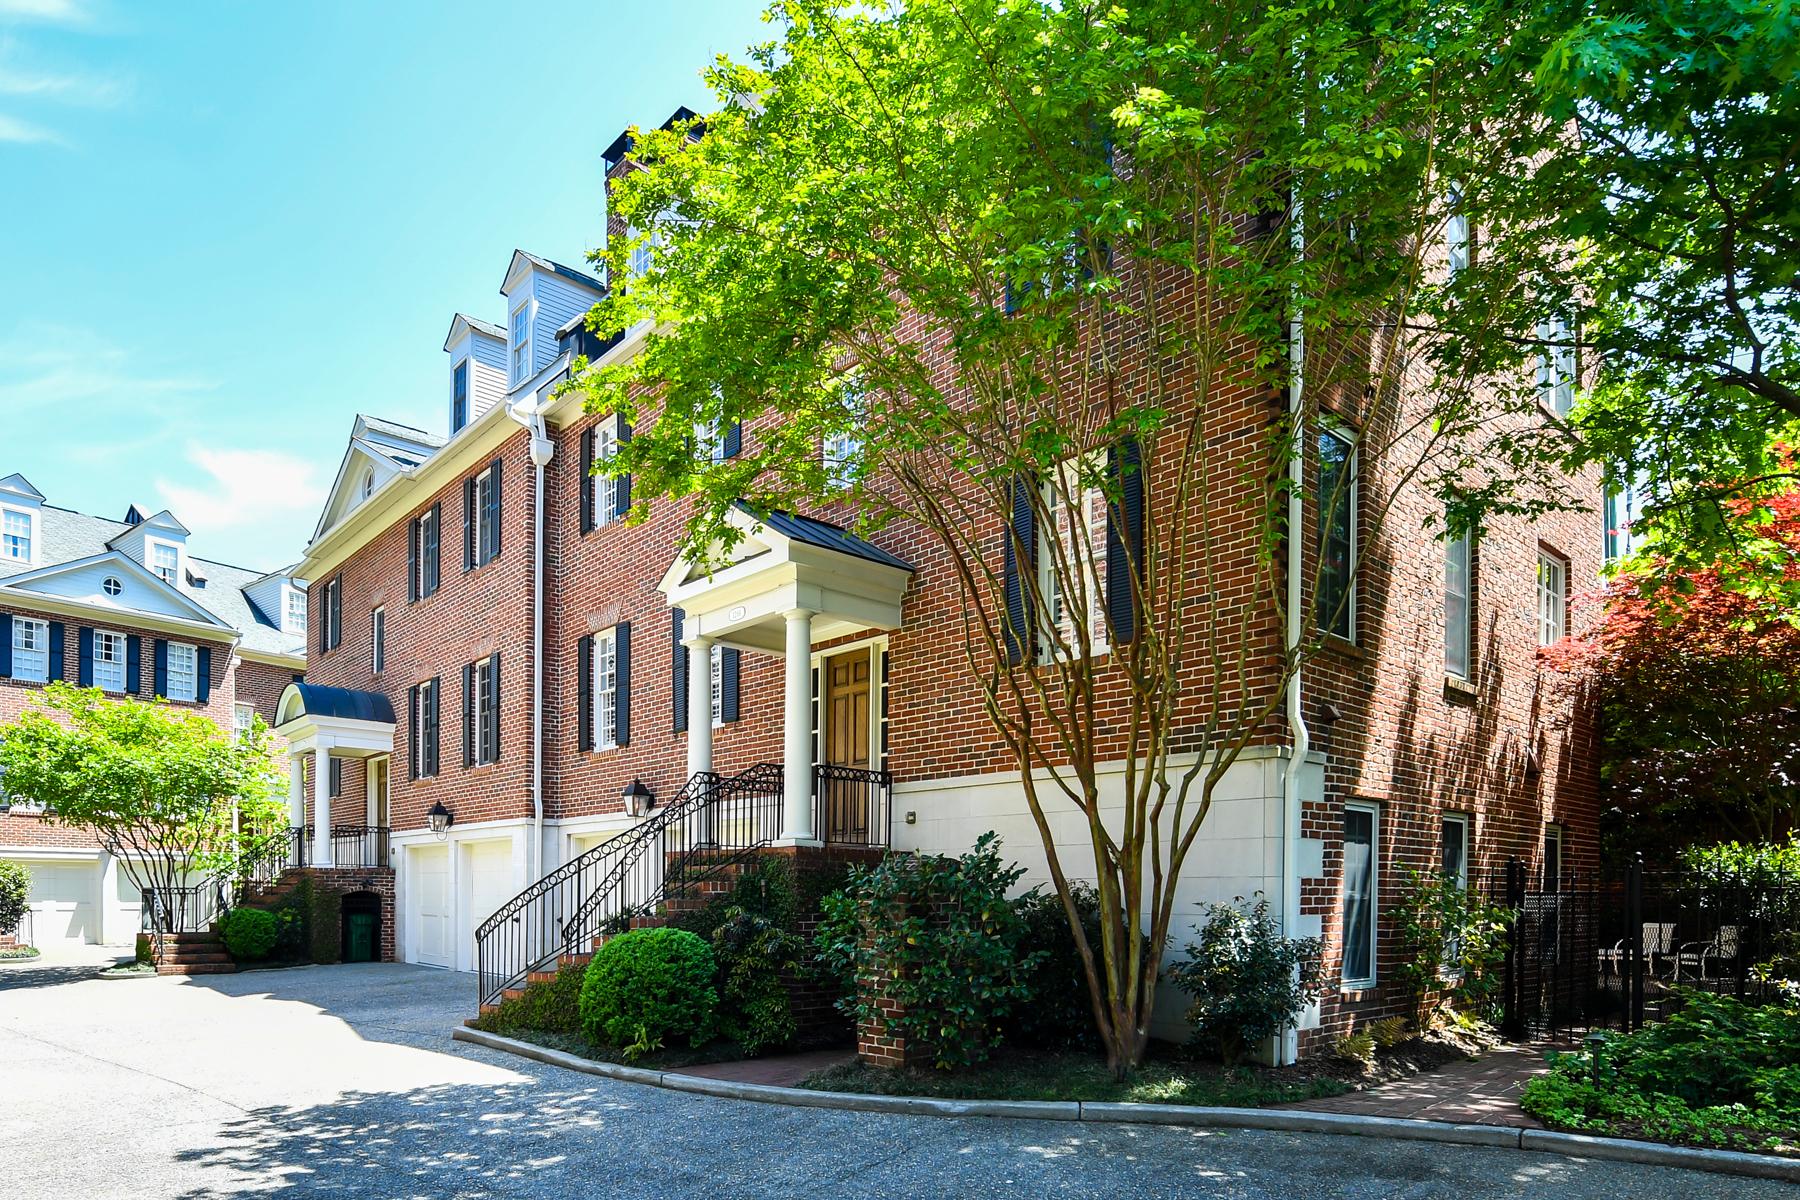 타운하우스 용 매매 에 Luxury Brownstone In Gated Community In Historic Brookhaven 1266 Bellaire Lane Brookhaven, 조지아 30319 미국